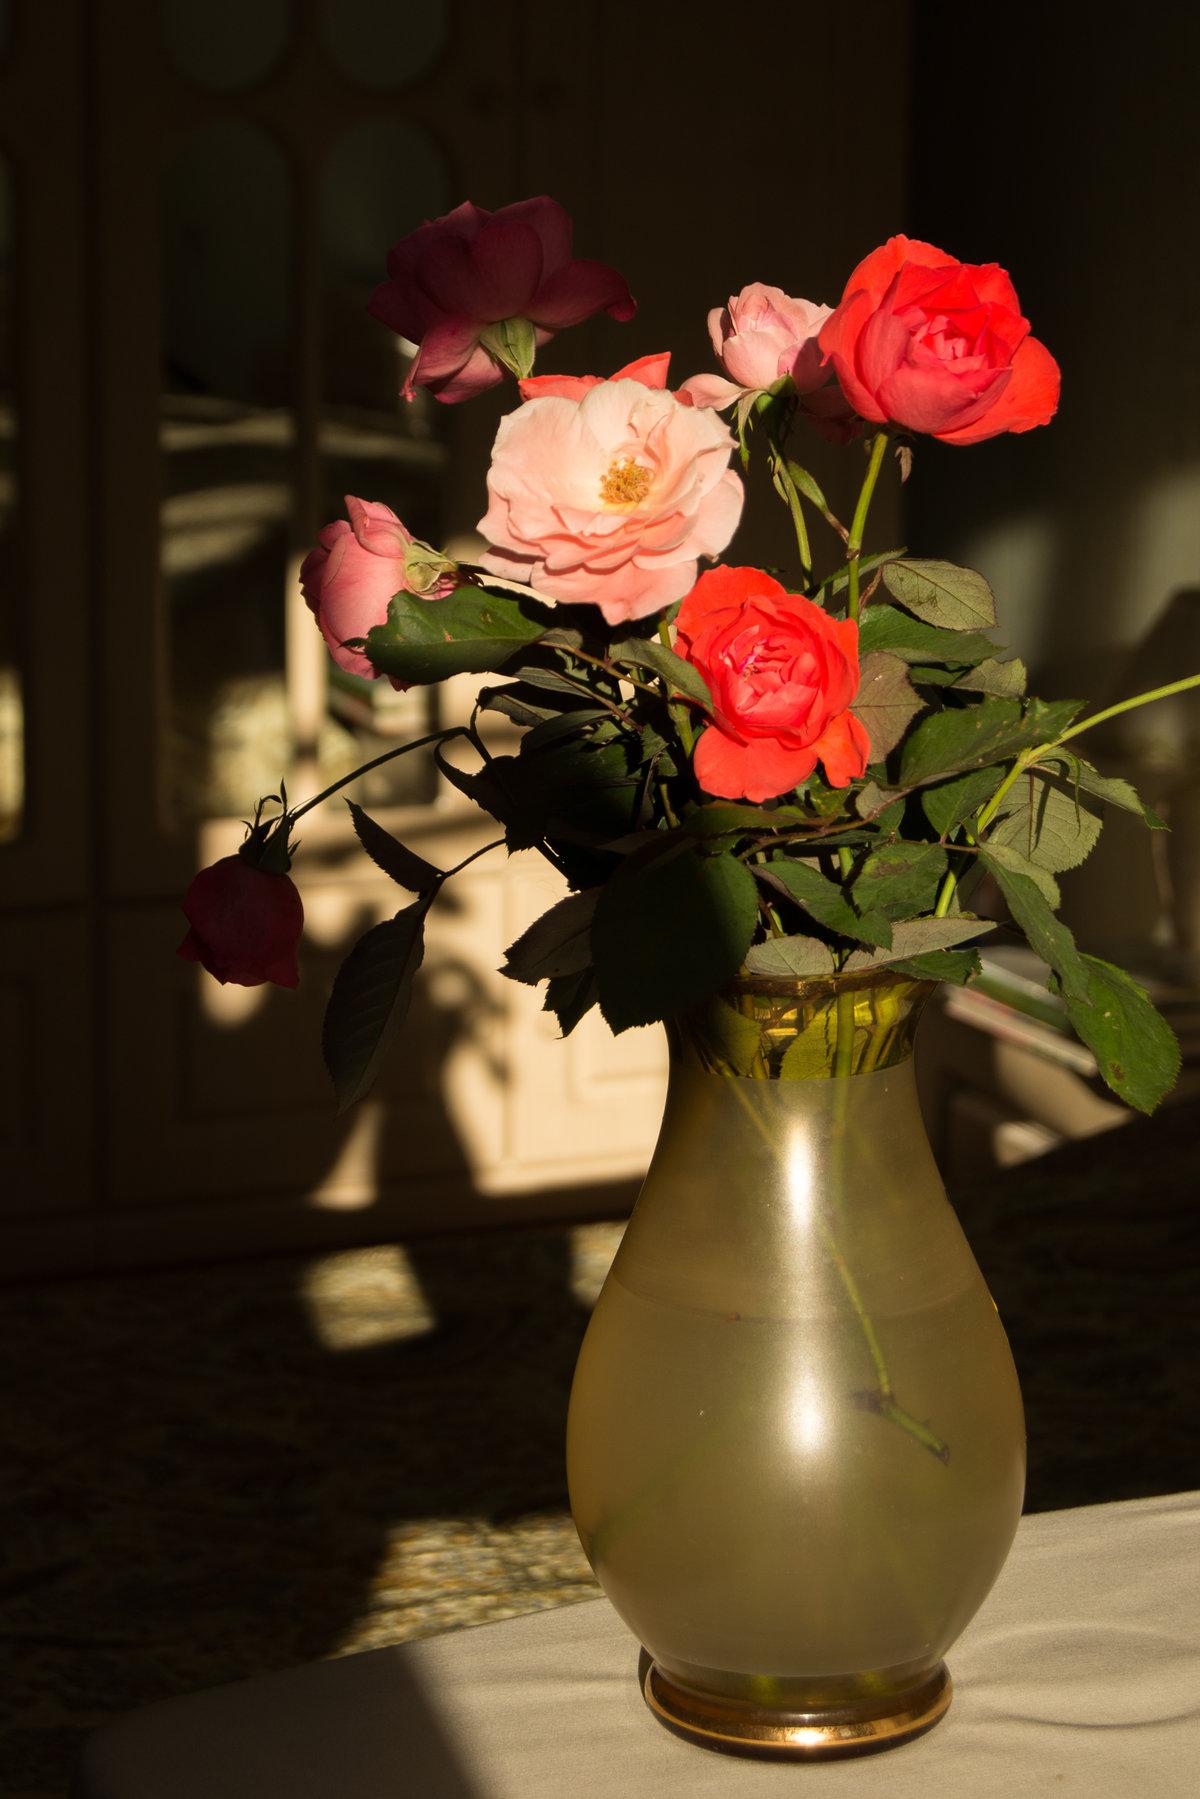 цветы розы фото в вазе музее размещены вёдра